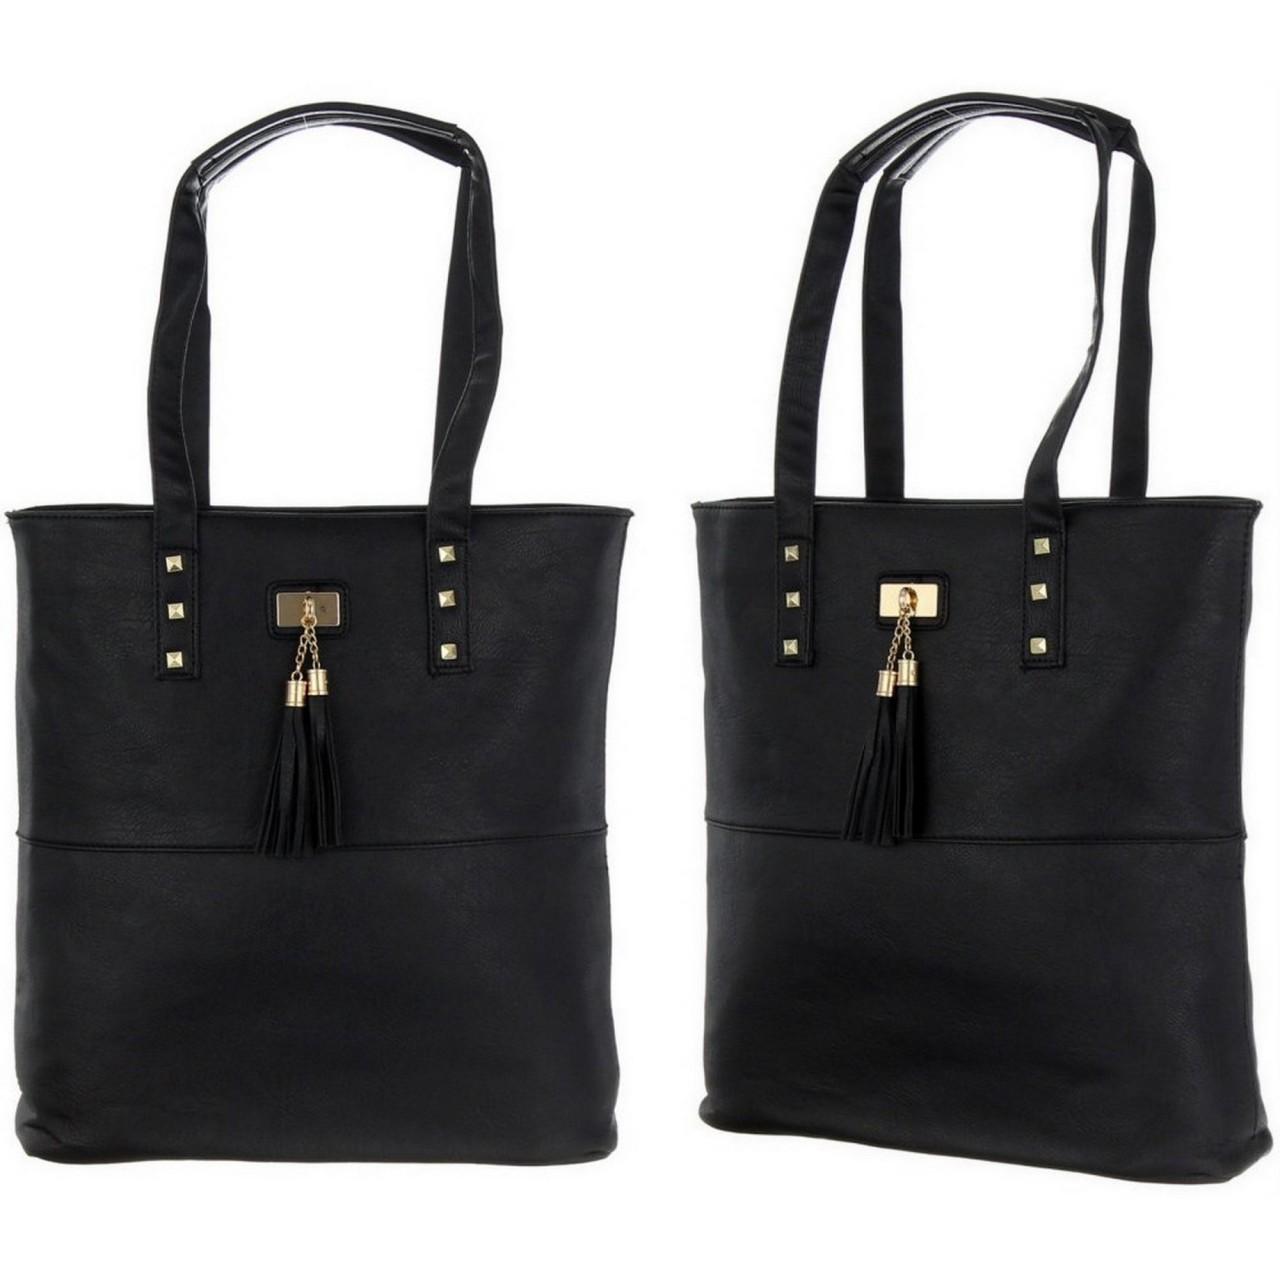 Damen Handtasche schwarz / Schultertasche / Shopper